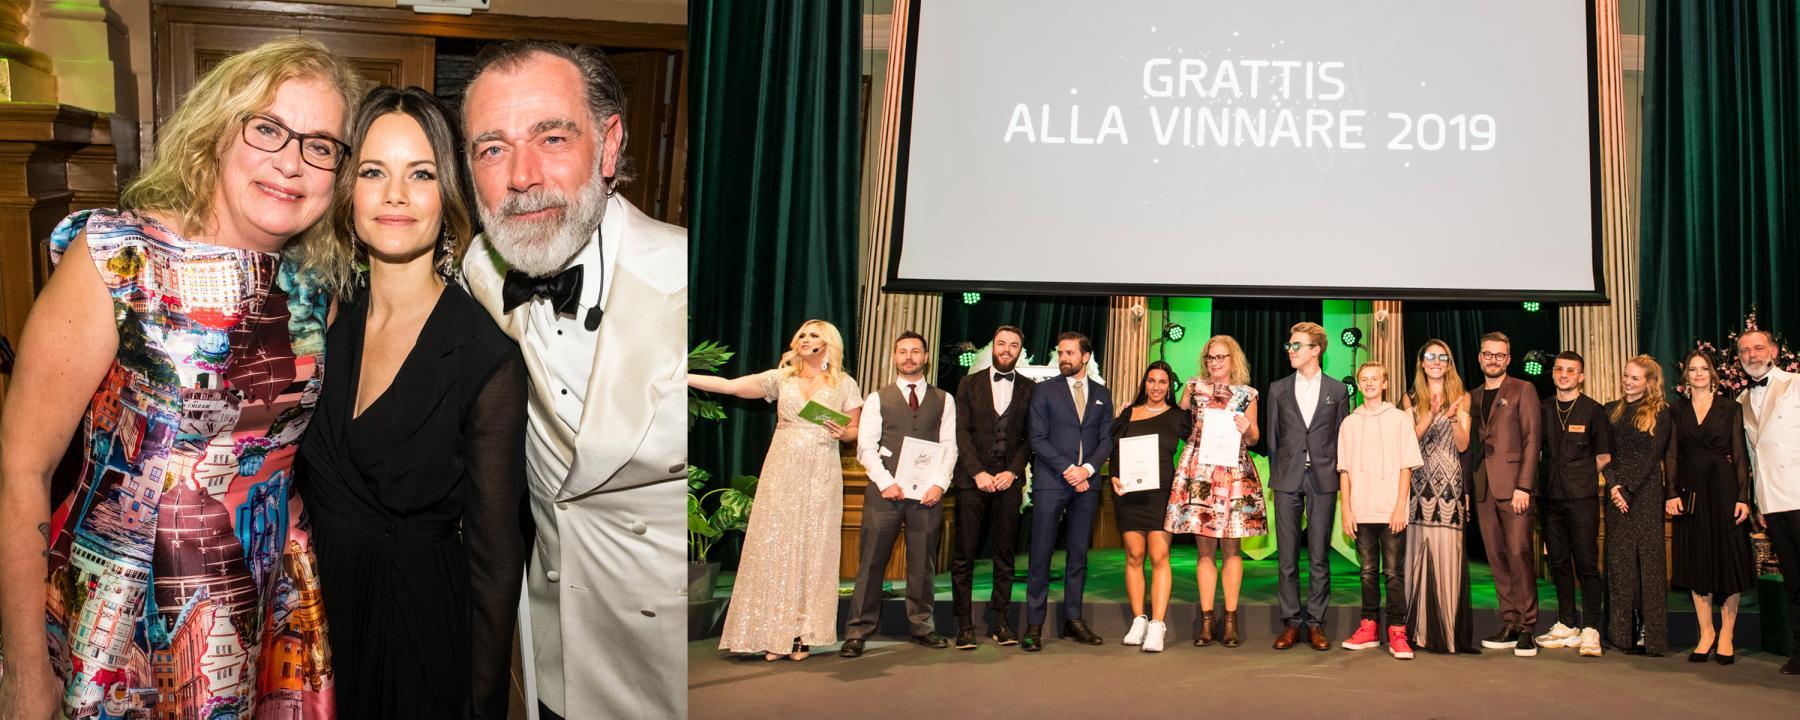 Vinnare mySafety Årets Nätängel 2019